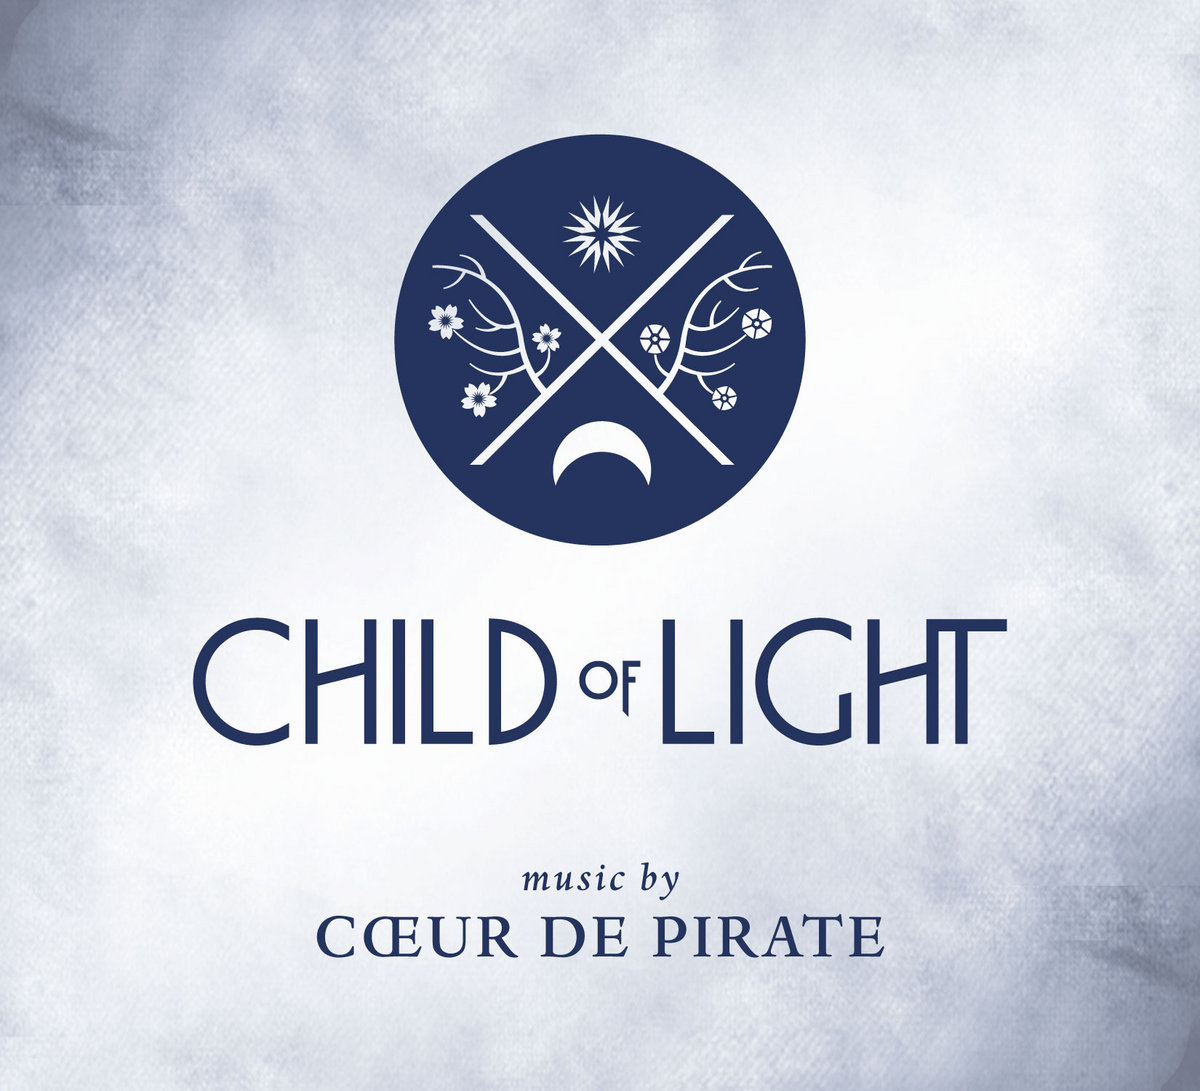 Child Of Light C Ur De Pirate